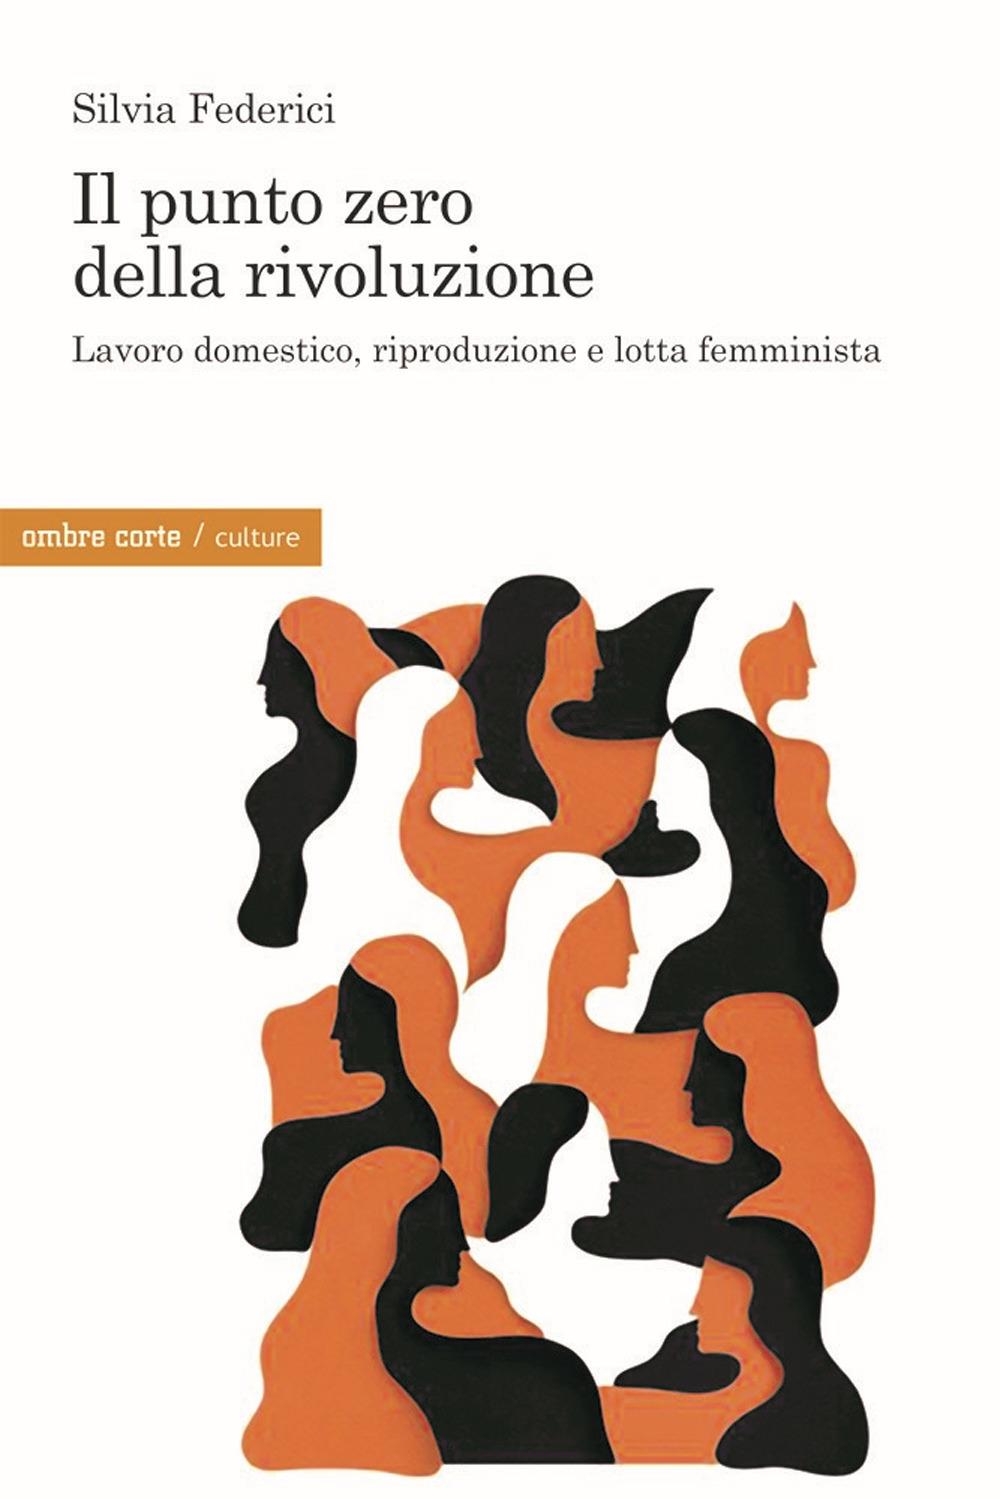 Il punto zero della rivoluzione. Lavoro domestico, riproduzione e lotta femminista